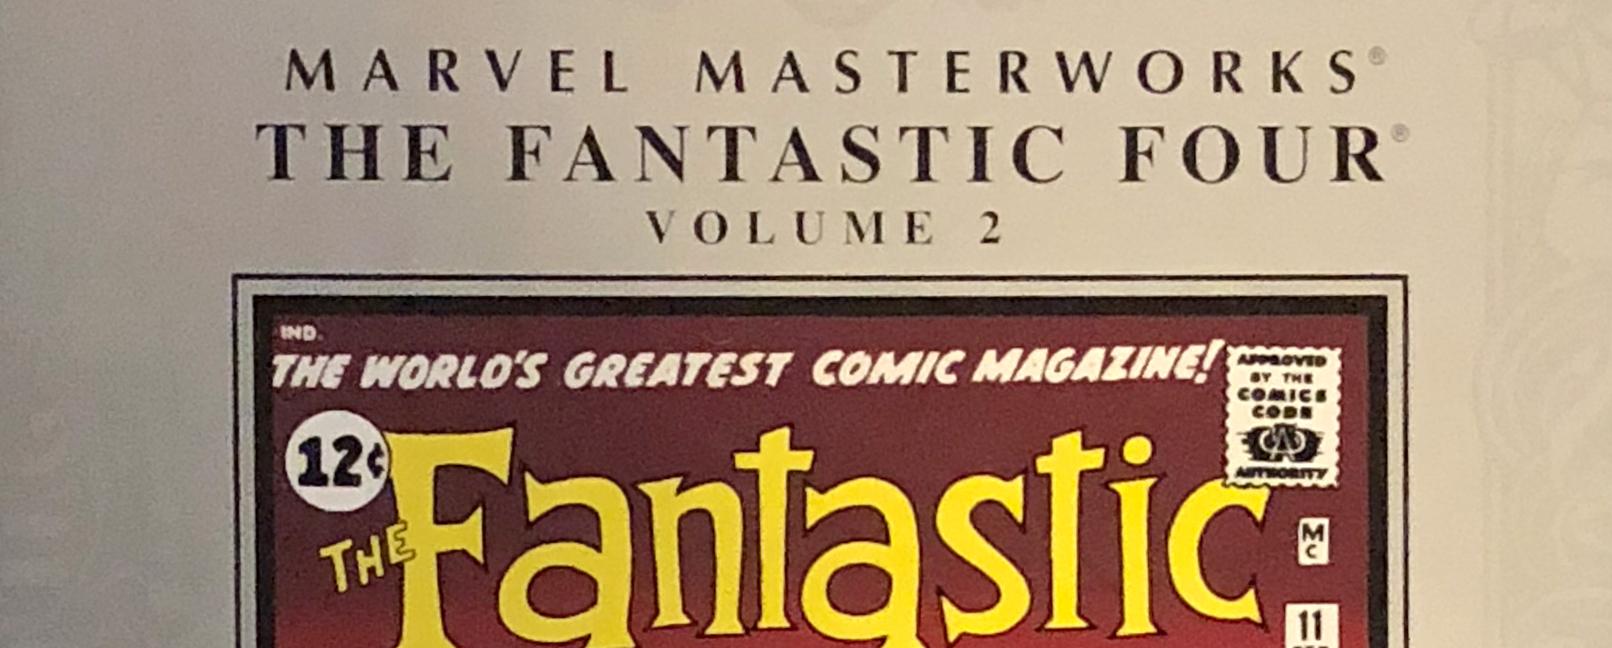 Marvel Masterworks Fantastic Four Volume 2